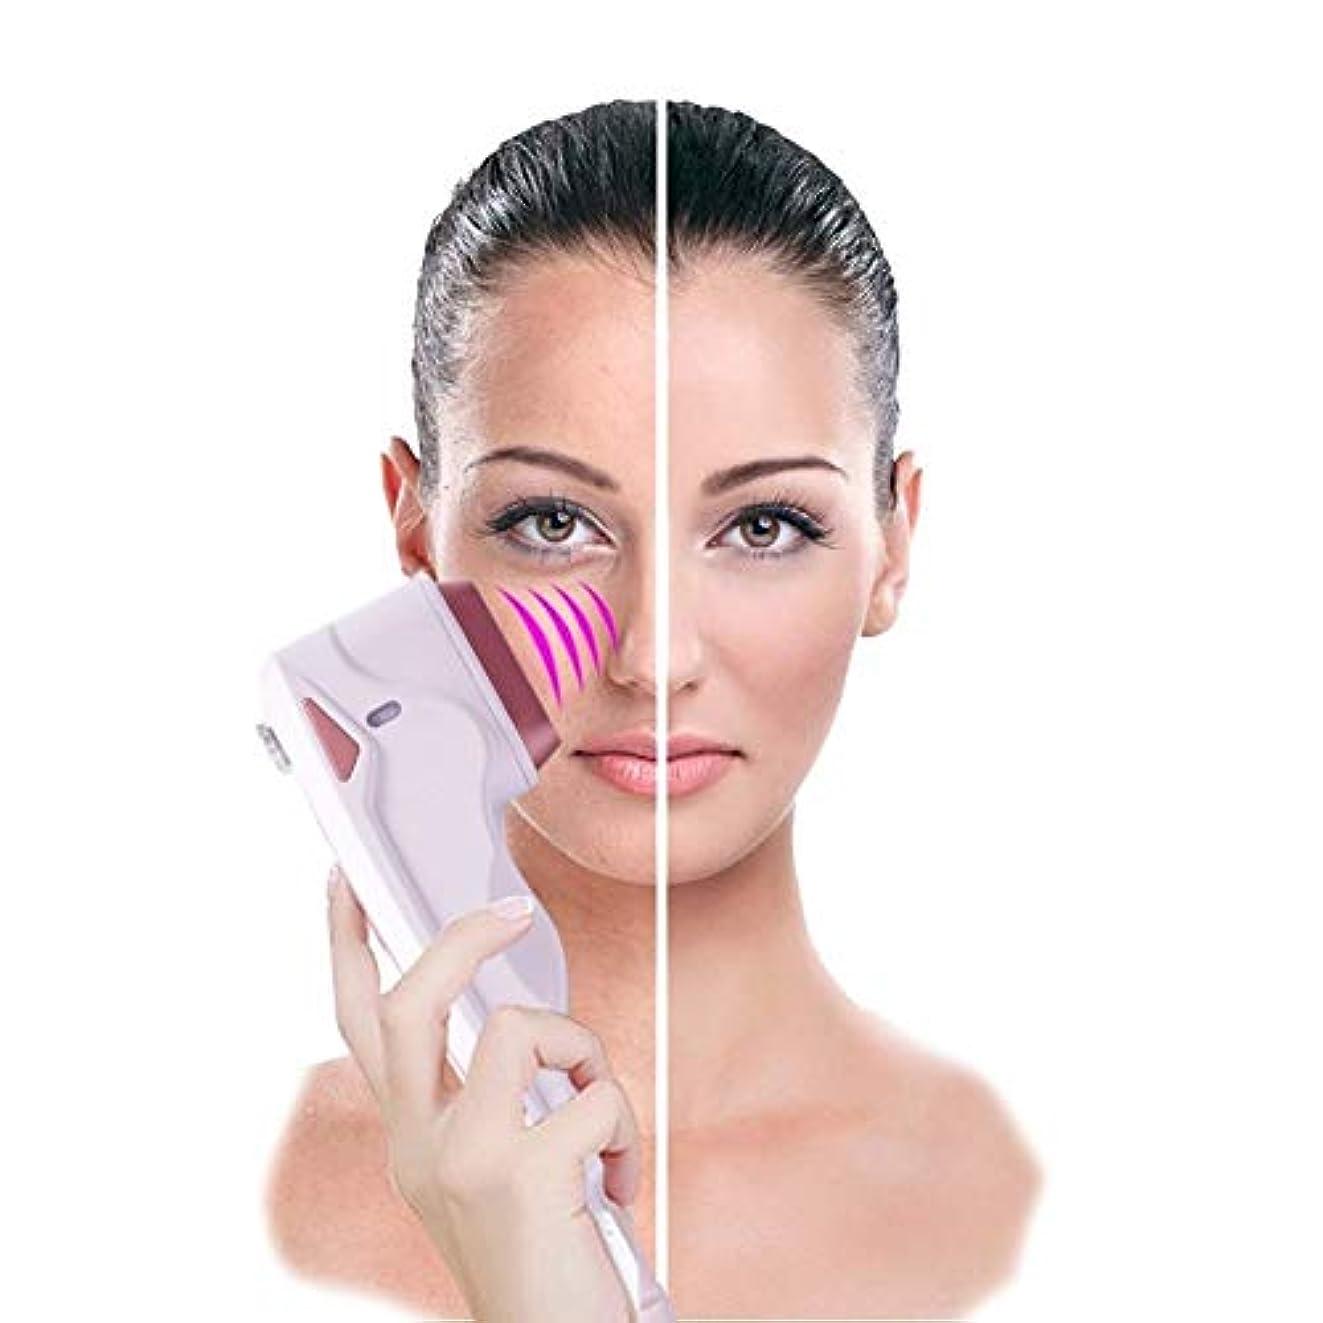 染色影響する年金受給者美顔術の持ち上がる機械振動無線周波数のしわは反老化のためのスキンケアの美装置を取り除きます、皮膚のきつく締まるガルバニック微電流の改装機械